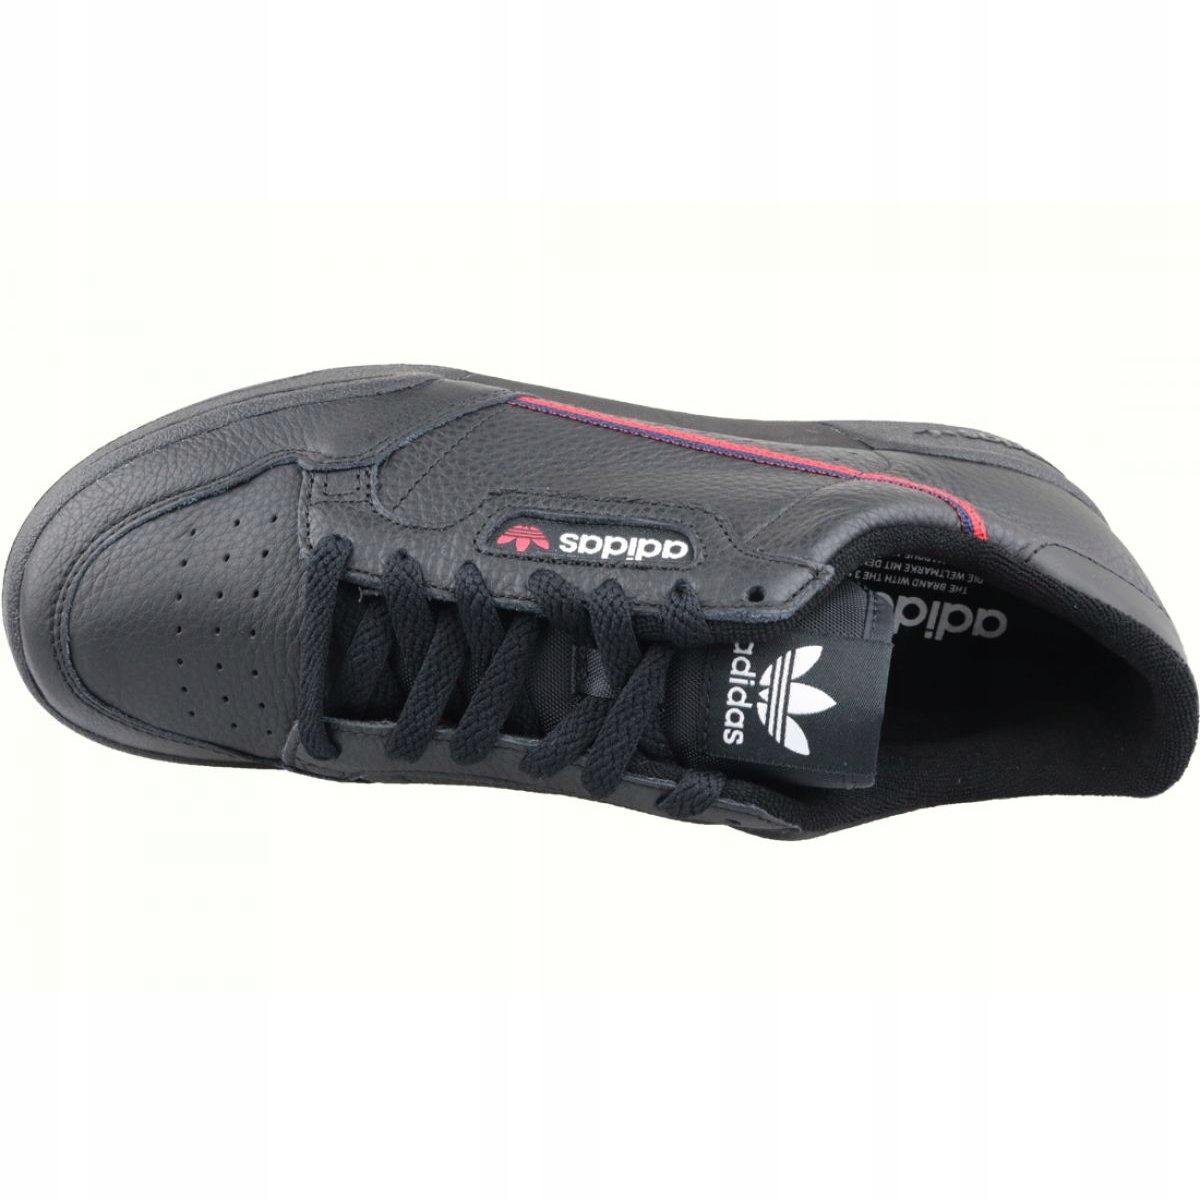 Czarne Buty Obuwie męskie Sportowe Adidas r.47 1/3 9140644646